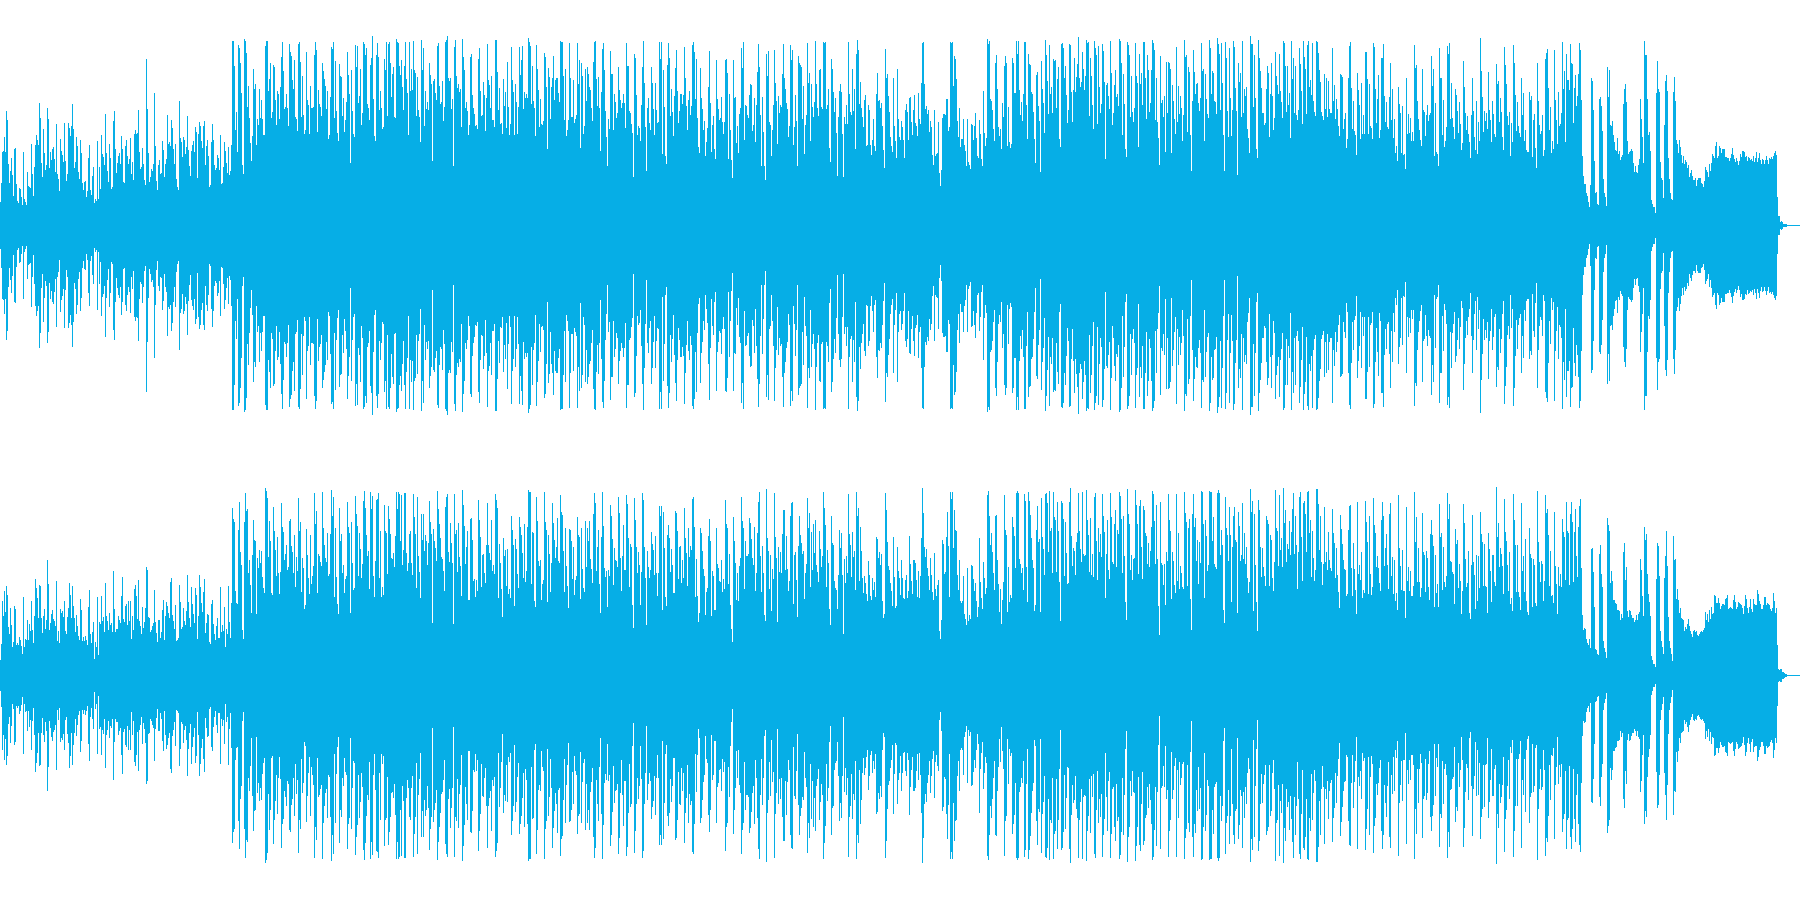 疾走感のある明るいポップスの再生済みの波形